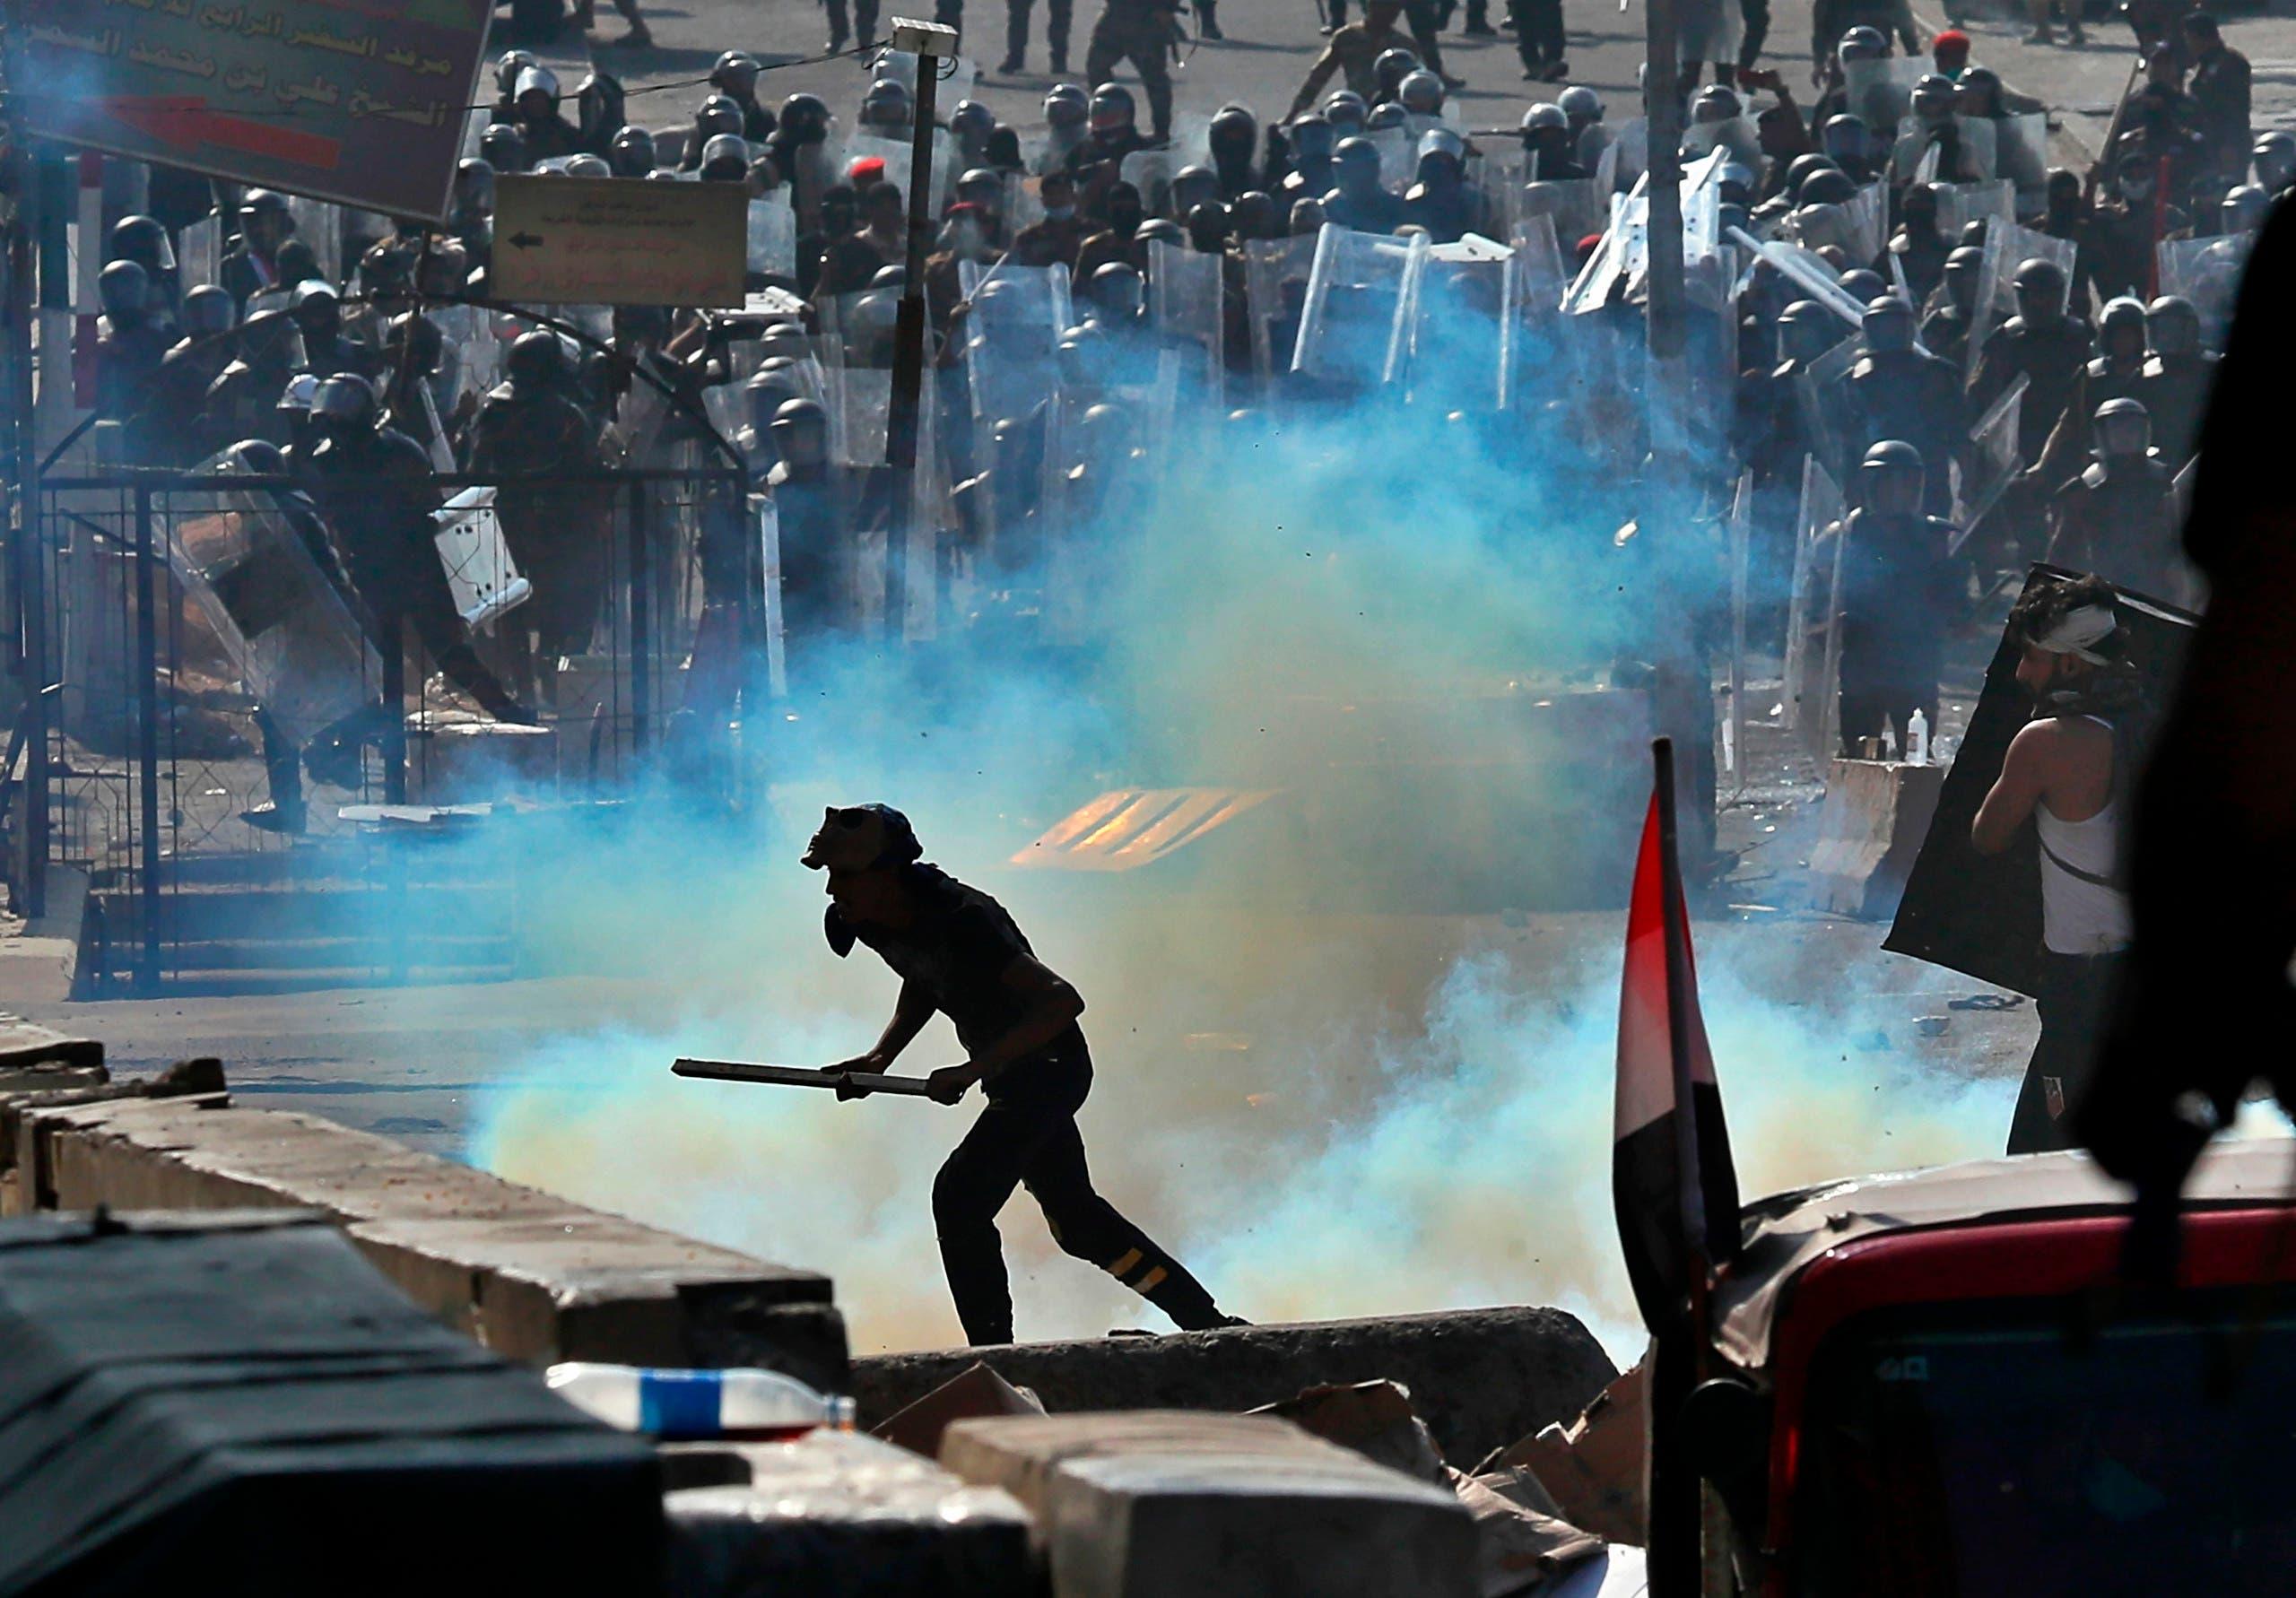 نتيجة بحث الصور عن قنابل ايرانية الصنع تستخدم ضد المتظاهرين في العراق